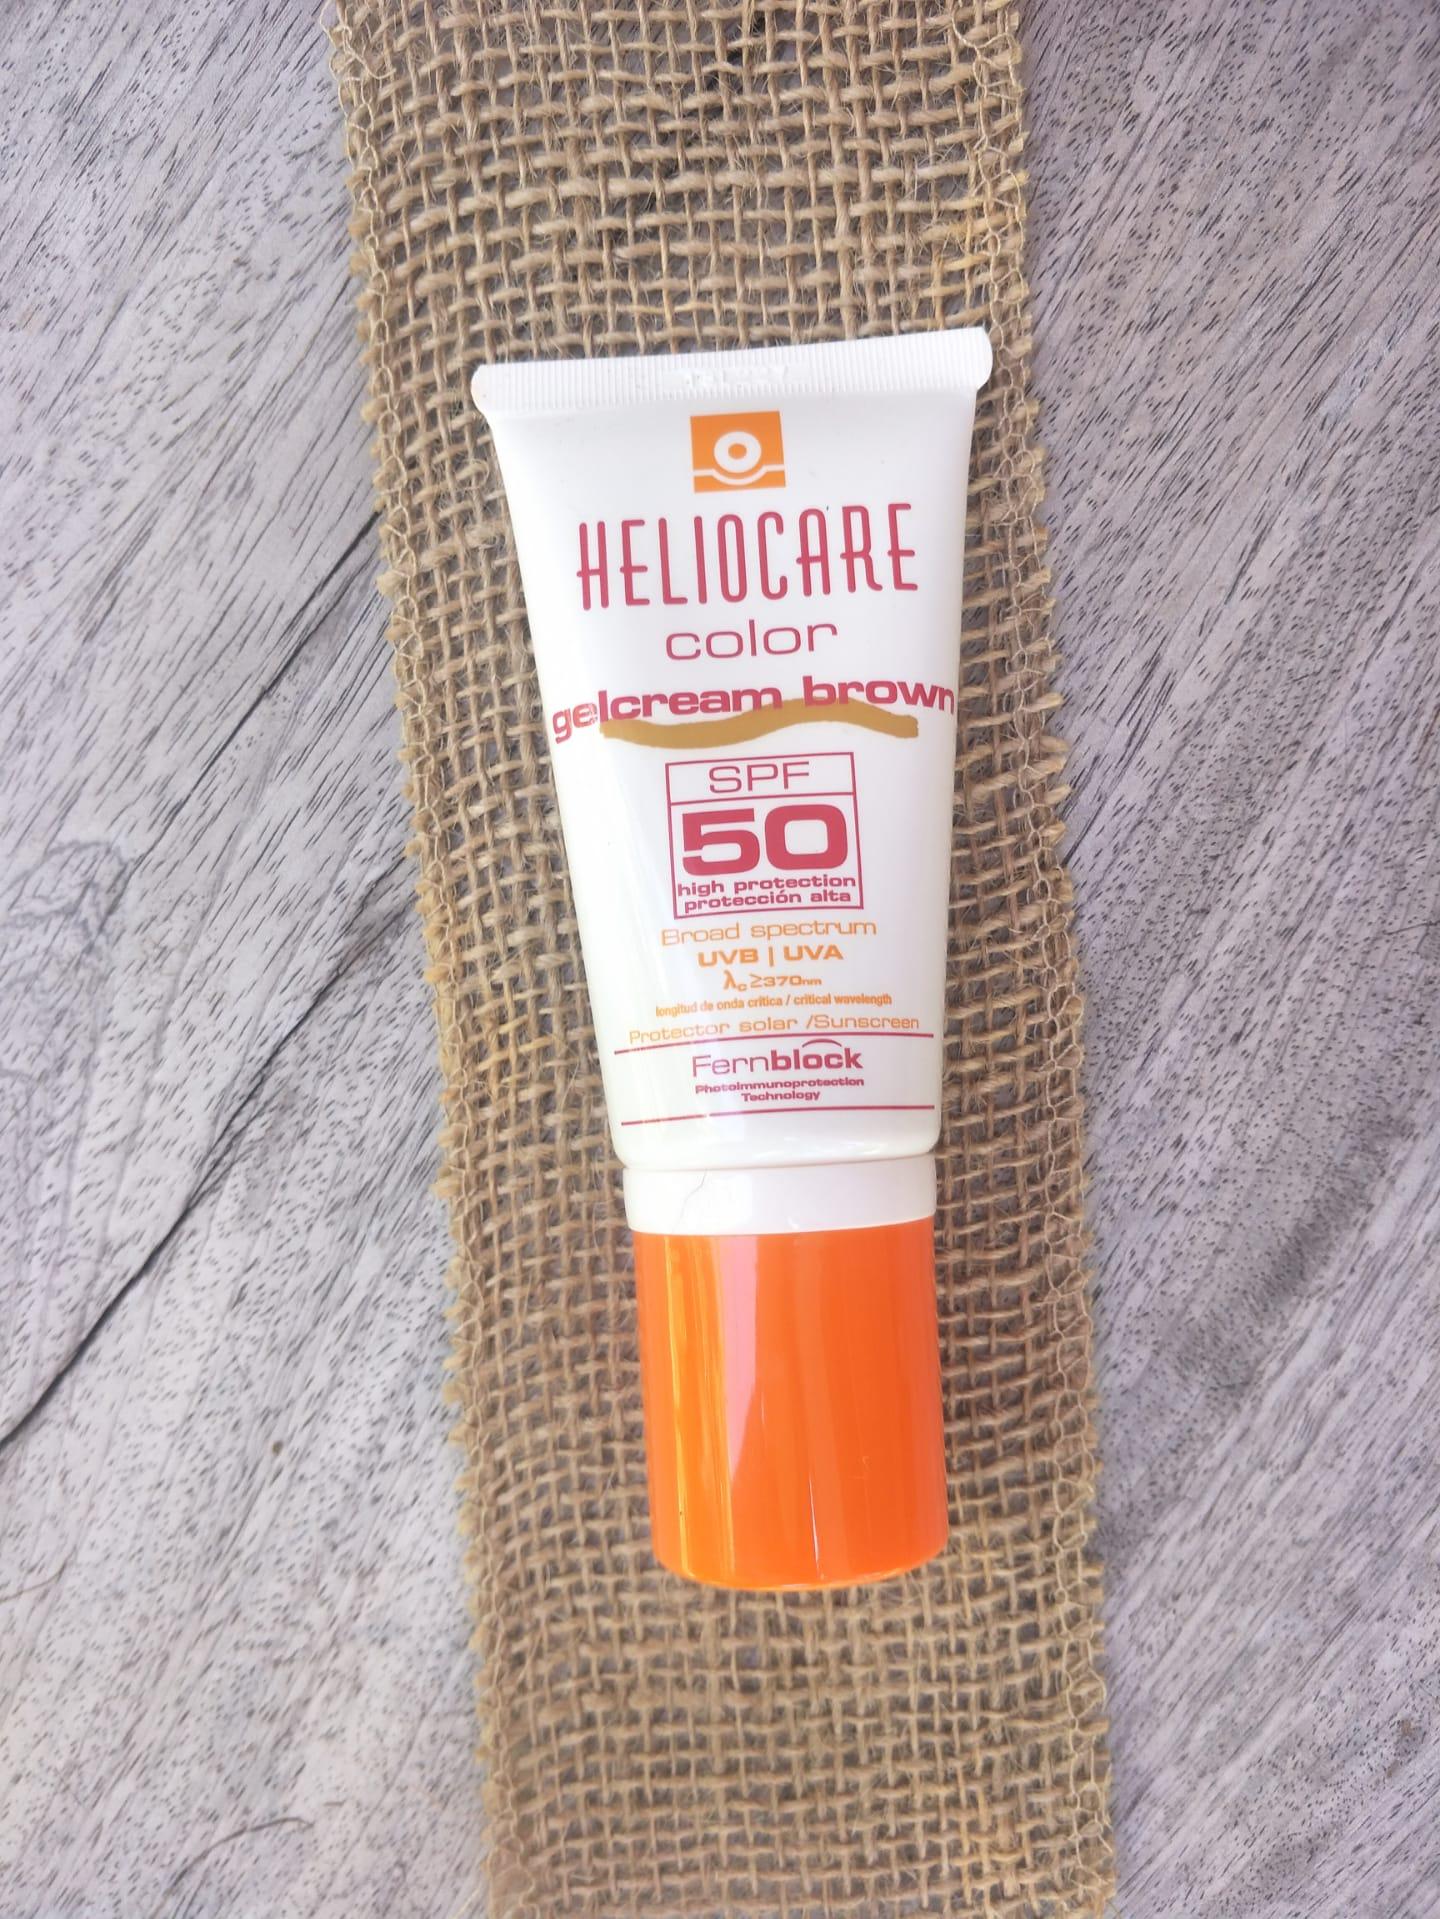 Heliocare Gelcream Colour Light SPF 50